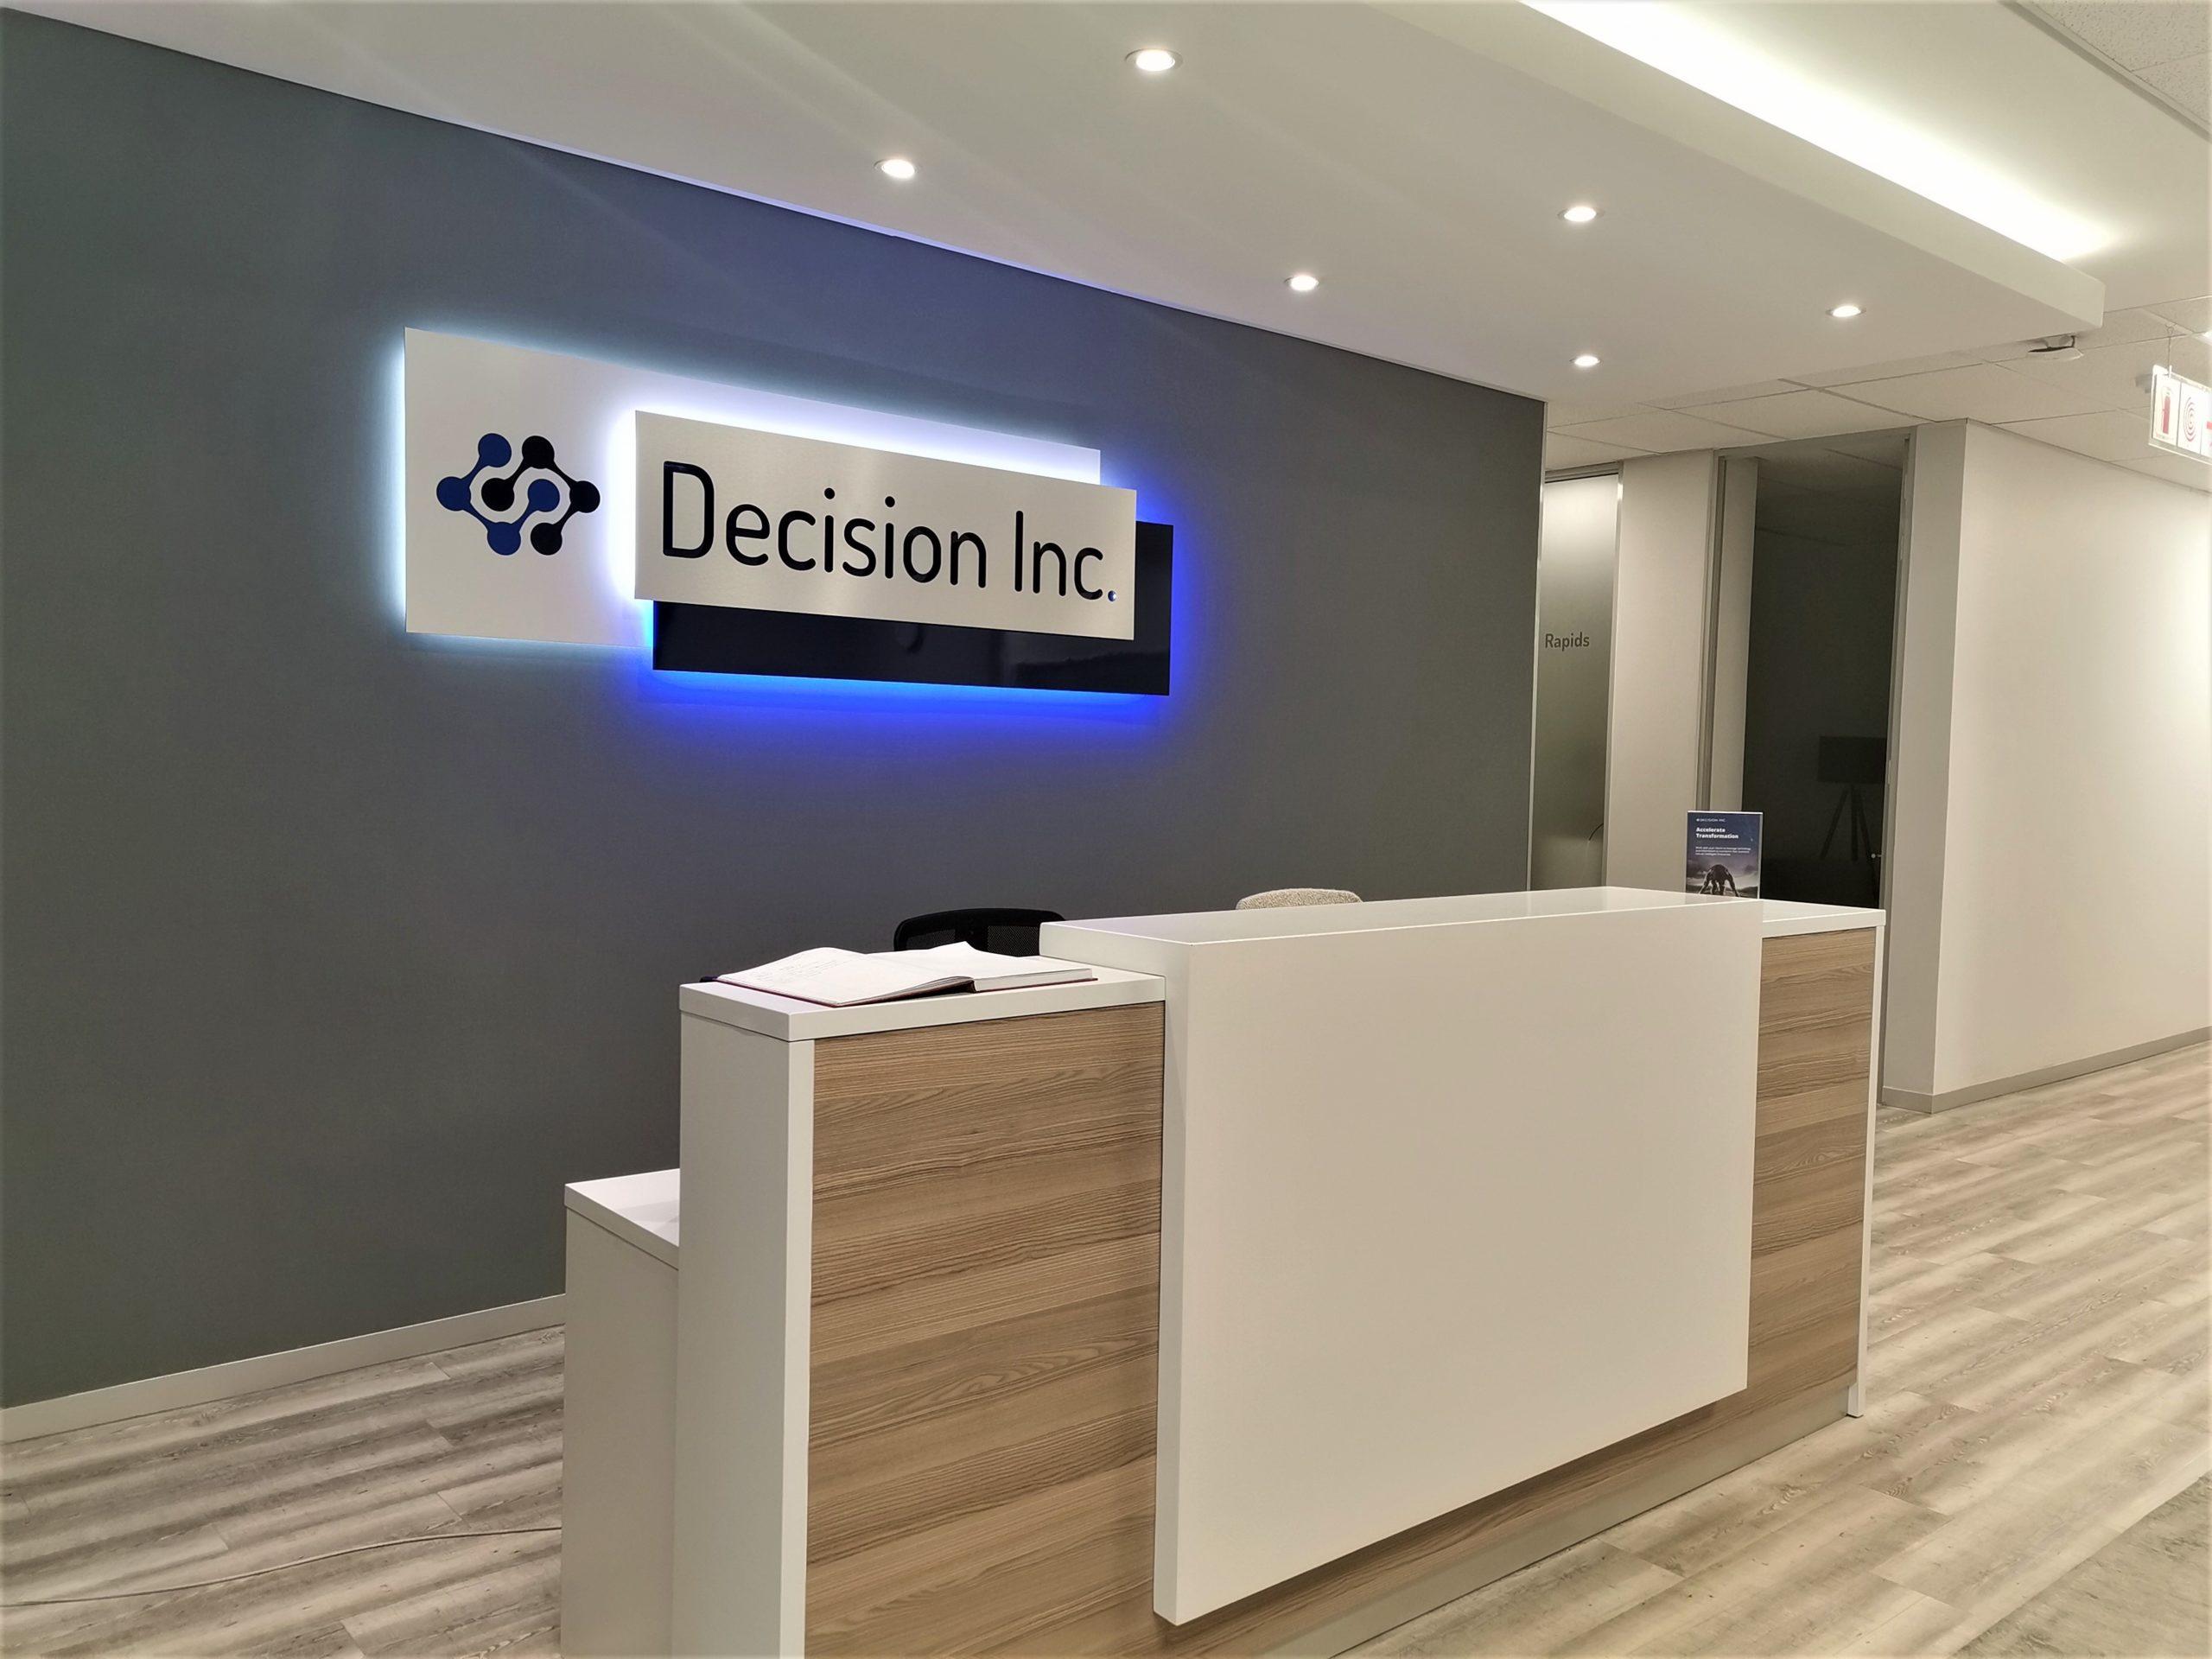 Decision Inc.